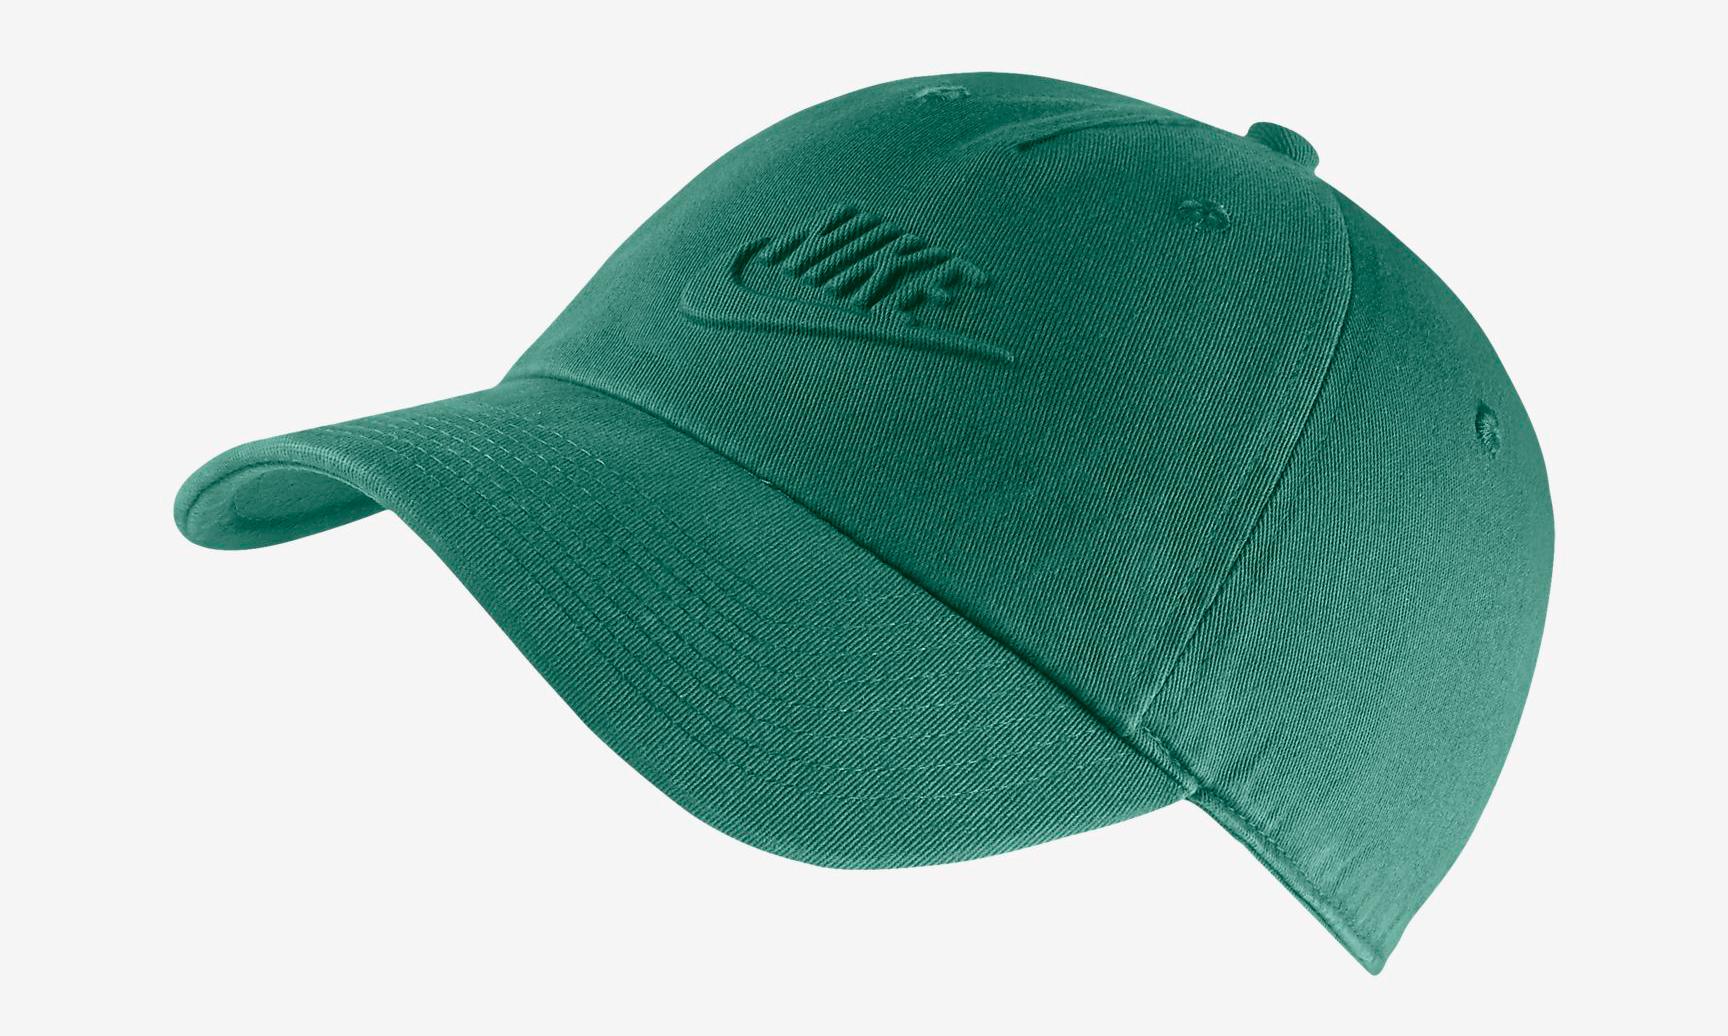 nike-air-max-93-watermelon-hat-match-1